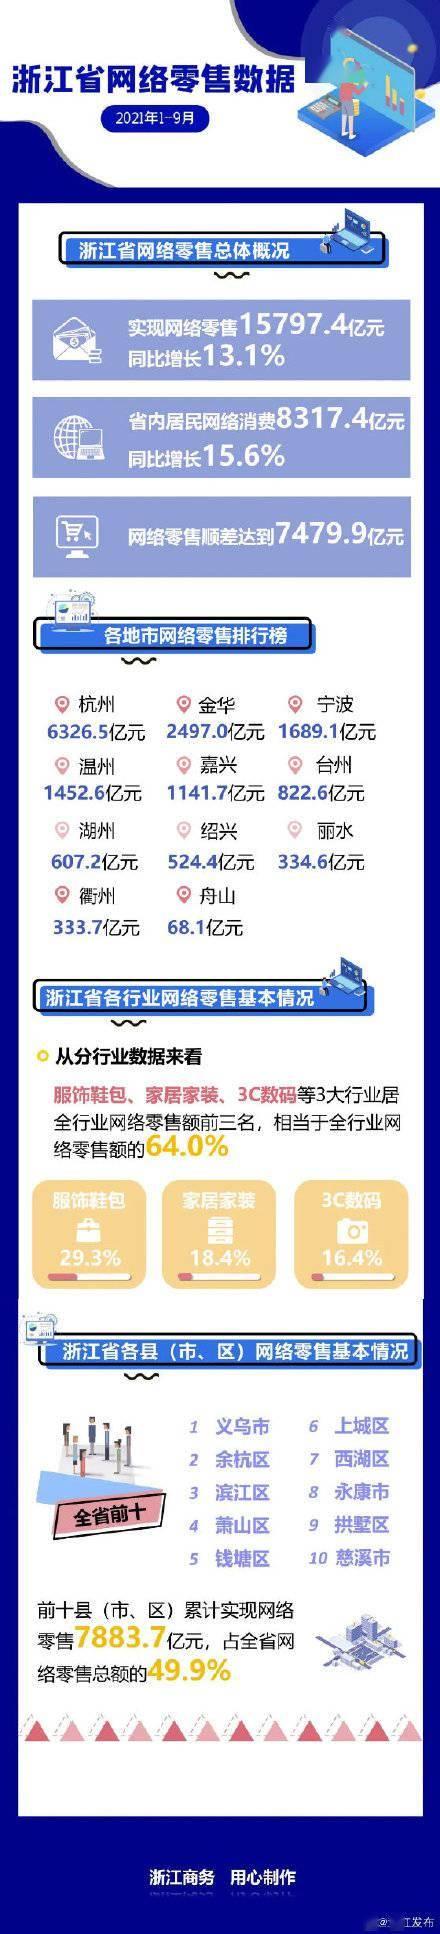 1-9月 浙江实现网络零售同比增长13.1%